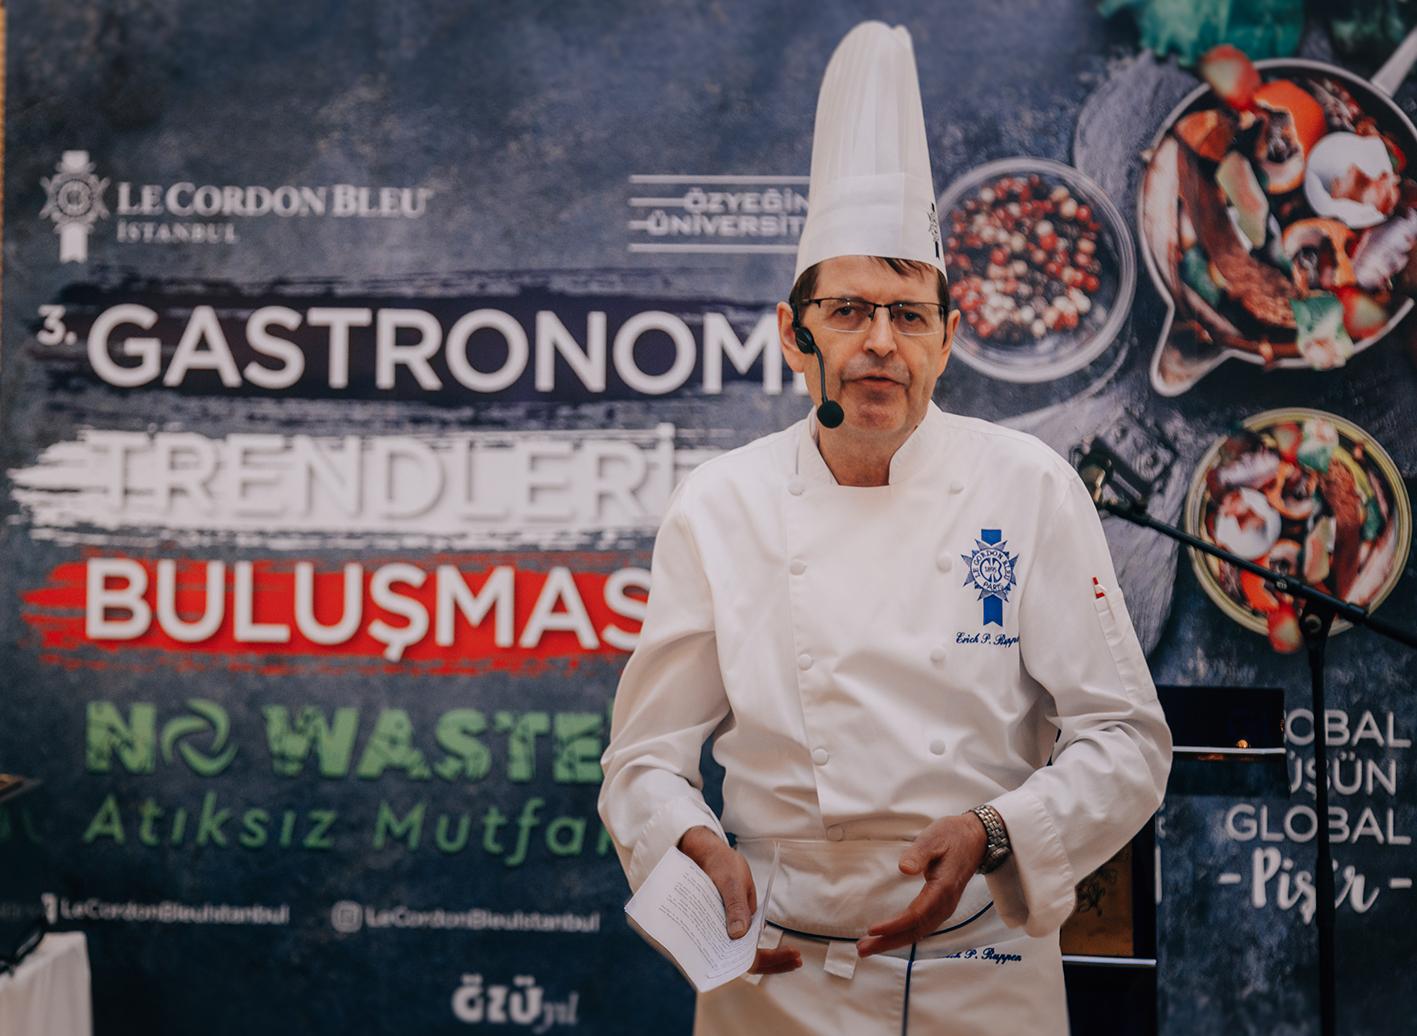 Mutfakta prestijin ve mükemmelliğin simgesi Le Cordon Bleu'nün ünlü mezun şefleri ve sektörün vizyonerleri 2019 yılının gastronomi trendlerinden öne çıkan atıksız mutfak ve sürdürülebilirlik konusunu sektörle paylaştı!